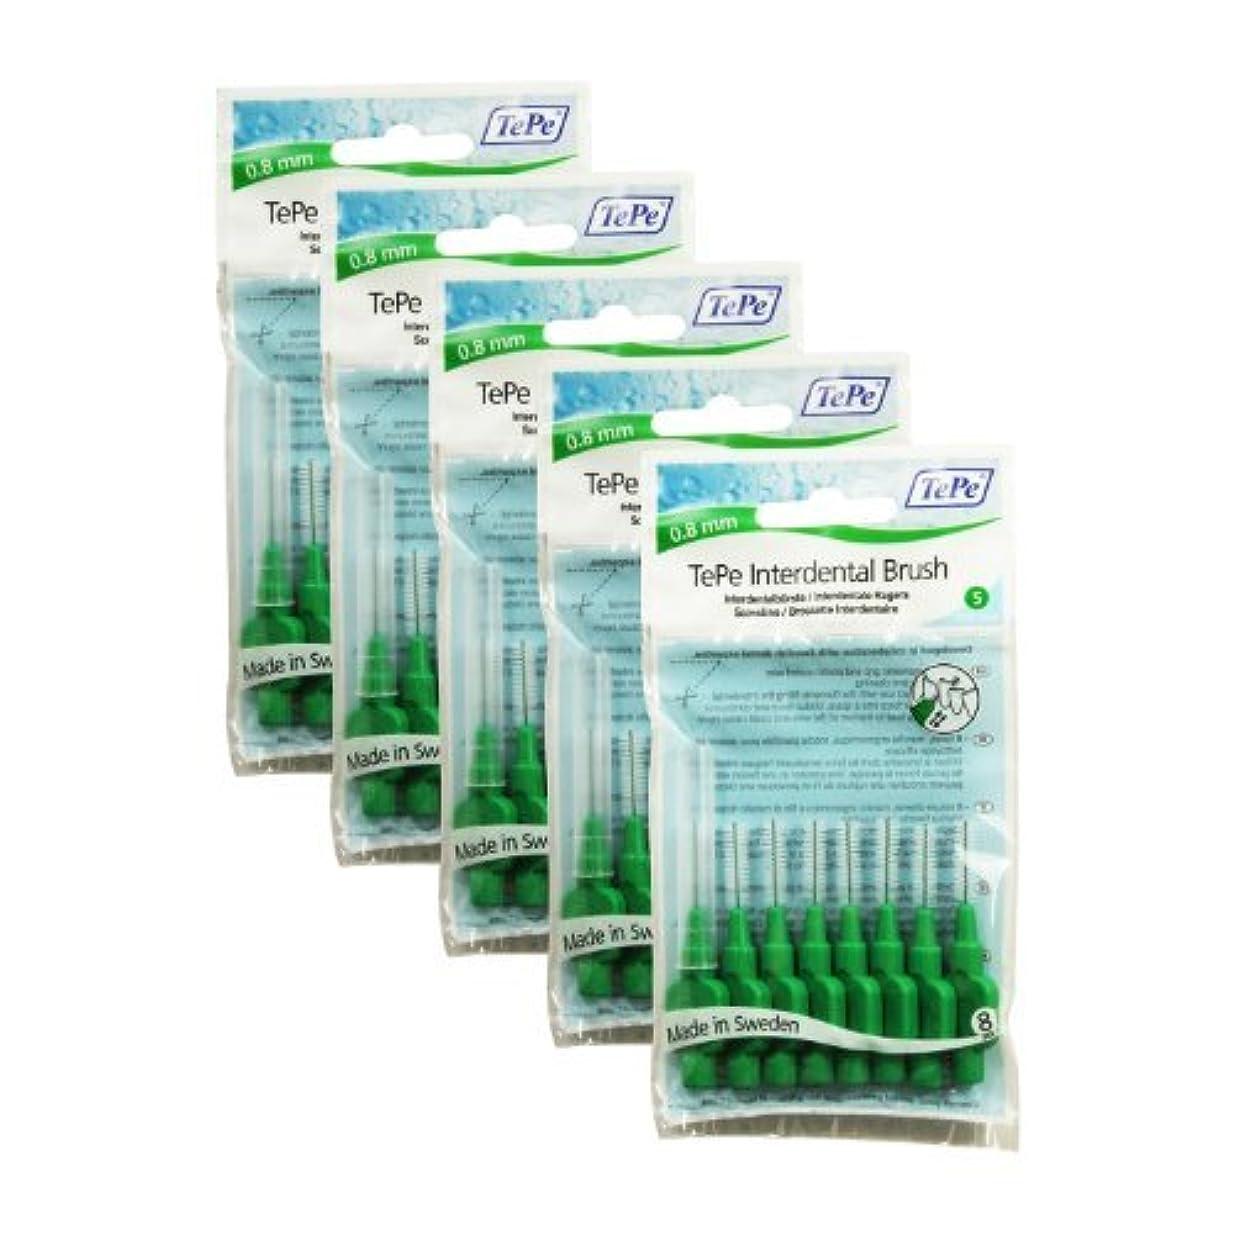 ふつう山岳過剰TePe Original Interdental Brushes, Green (0.8 mm), 40 by TePe